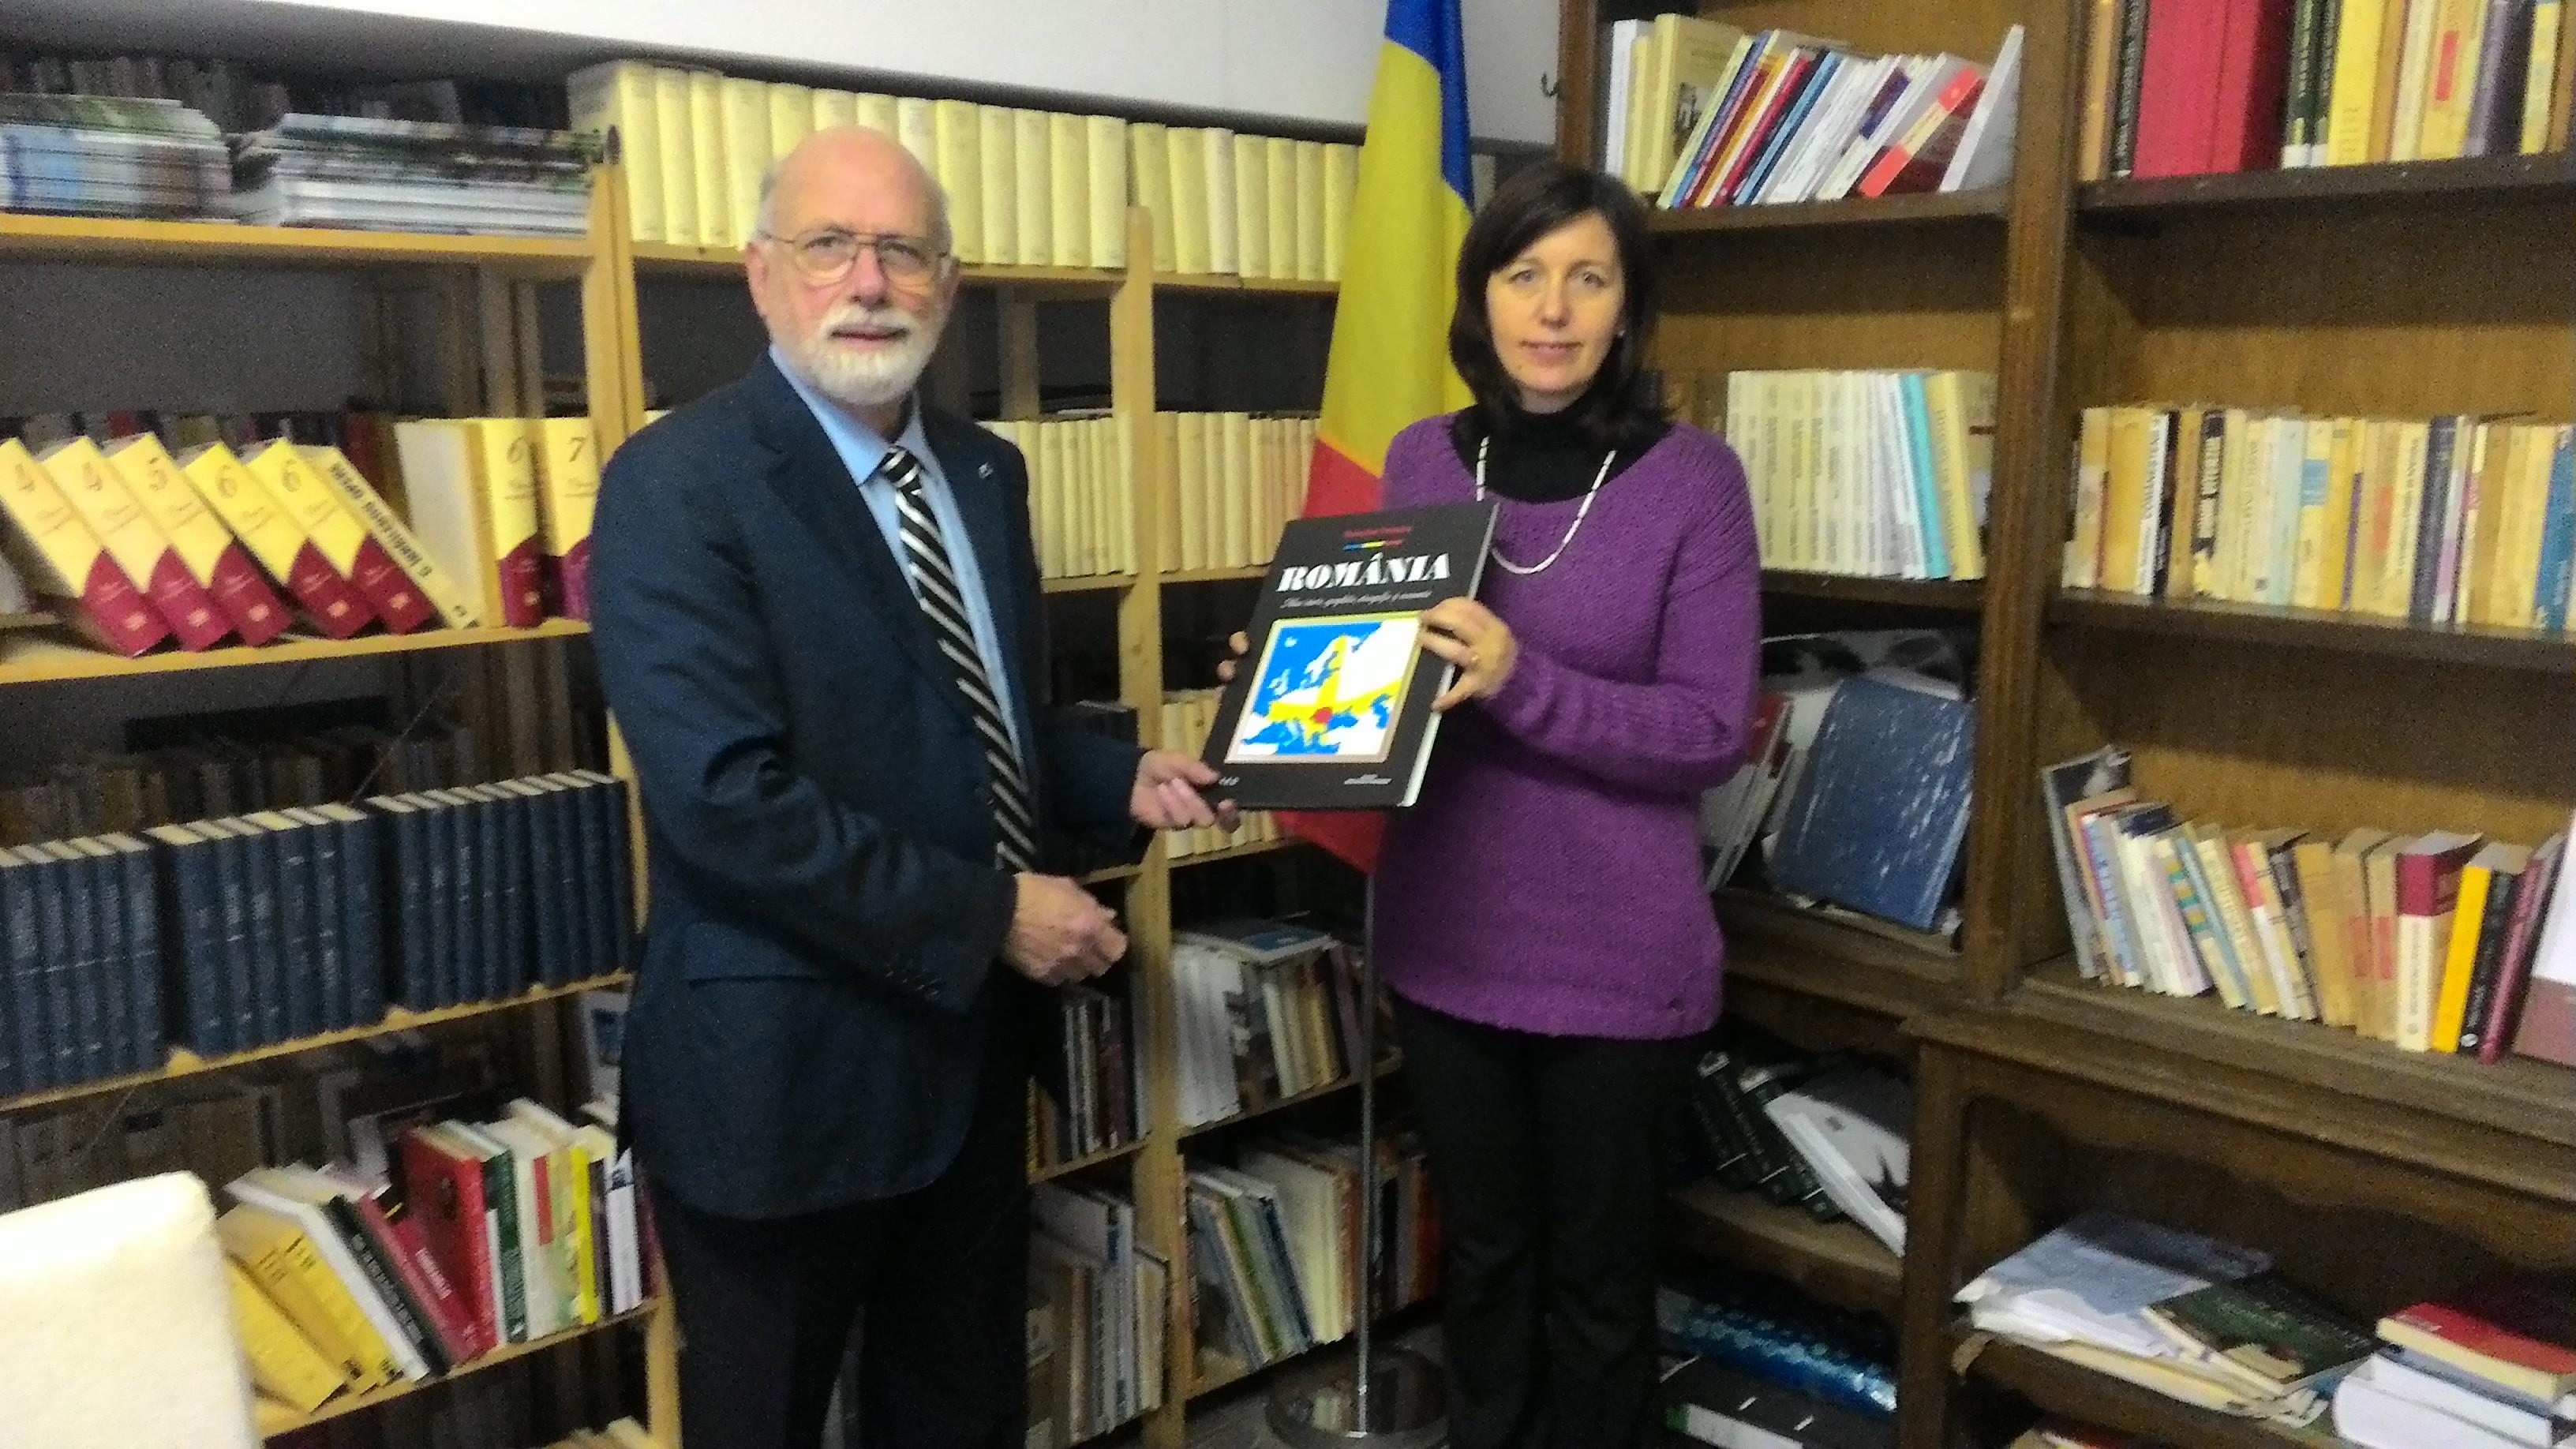 Scambi culturali italo-romeni. Donazione di libri in romeno per la Biblioteca di Trento – Alto Adige